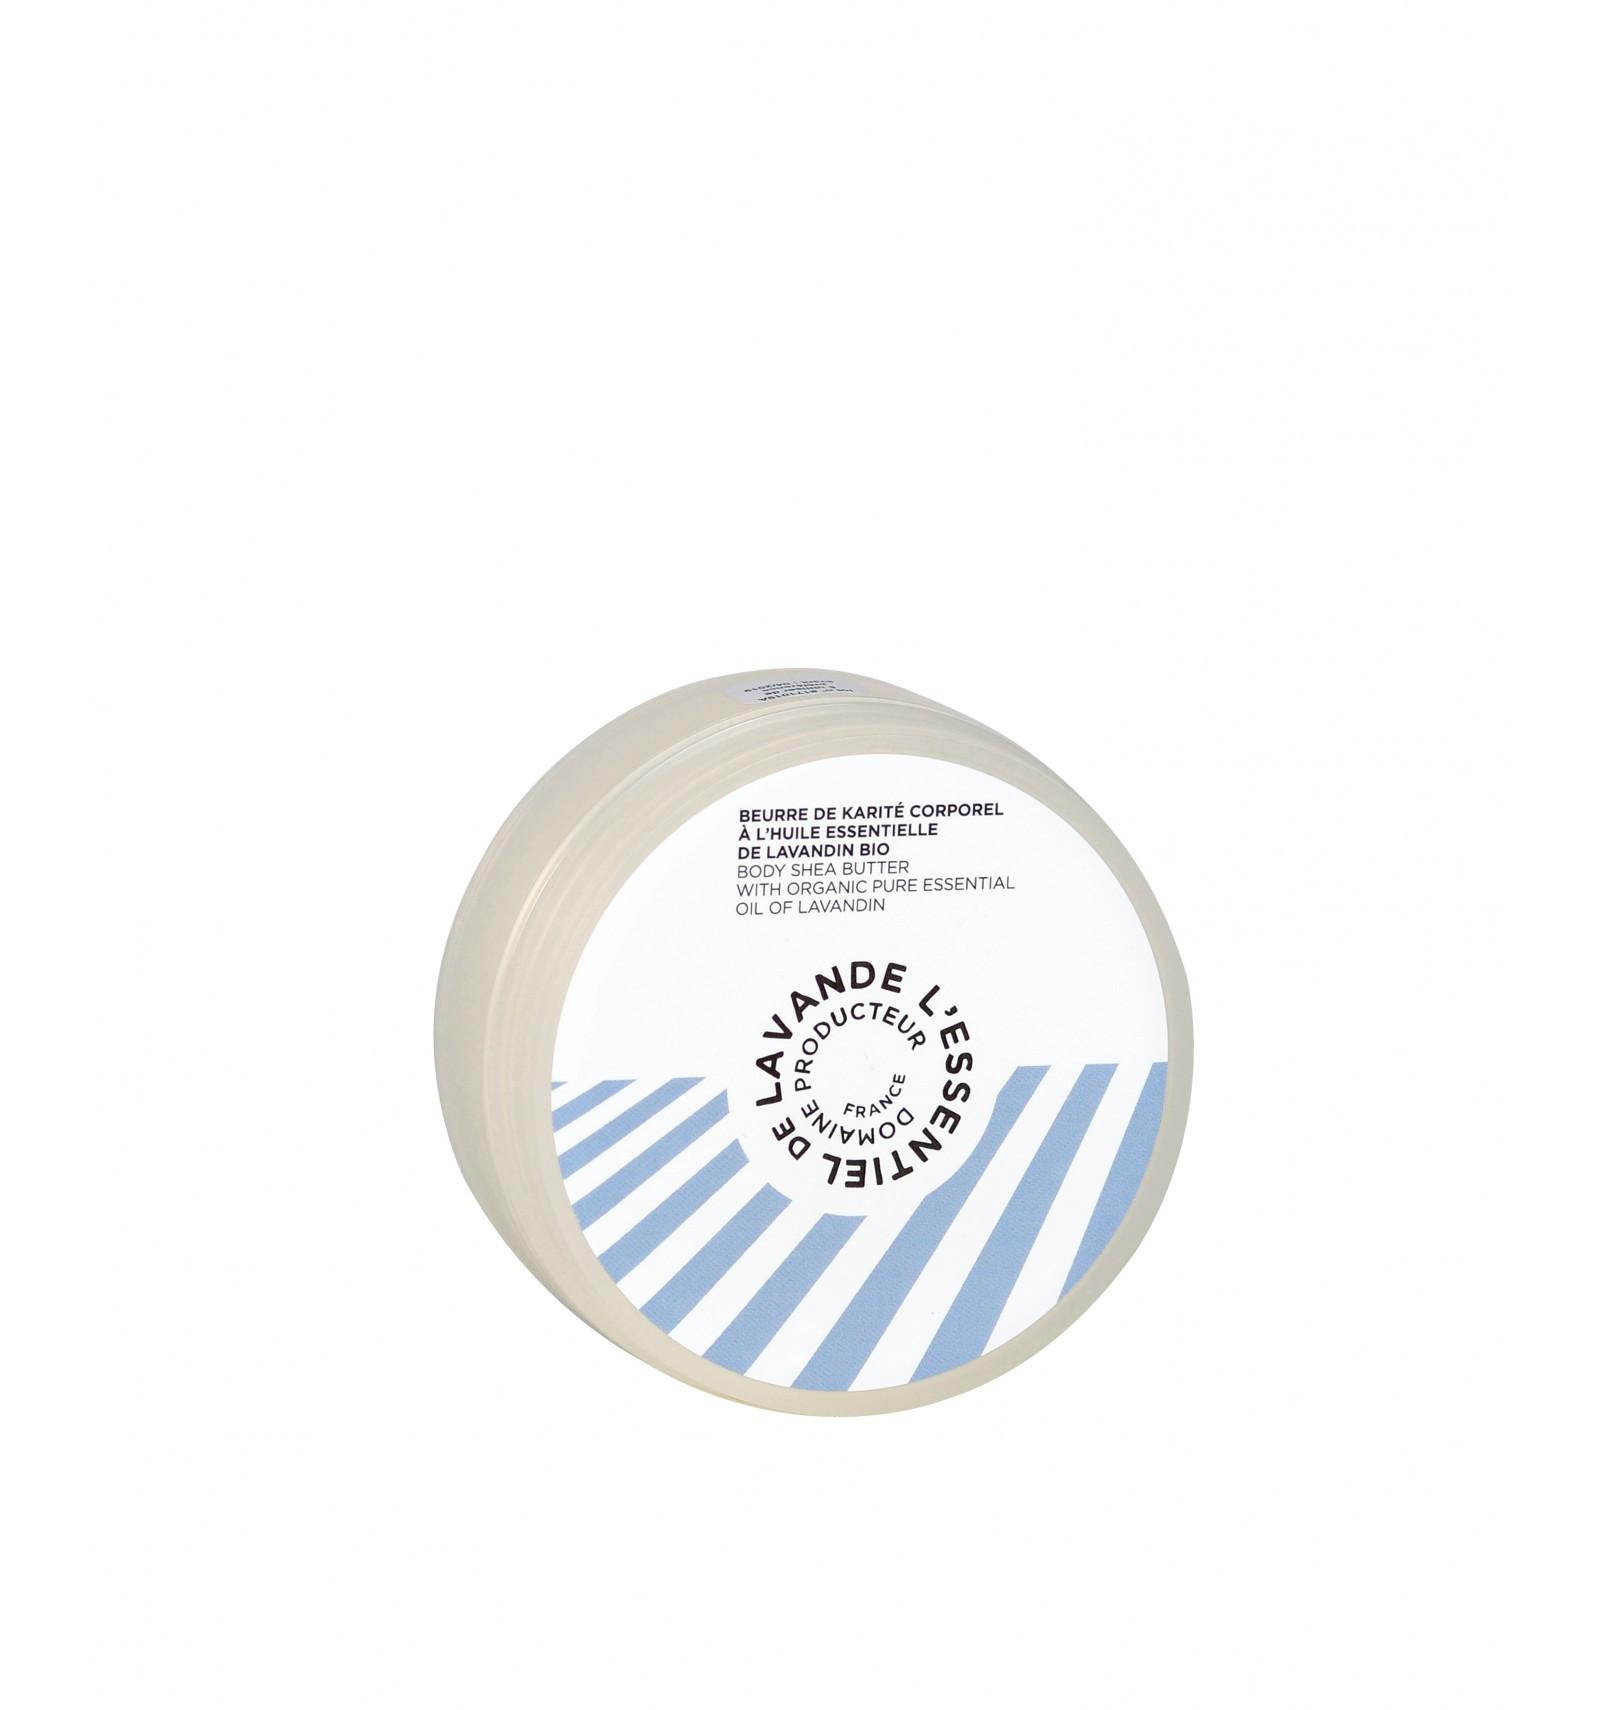 beurre-de-karite-a-l-huile-essentielle-du-domaine